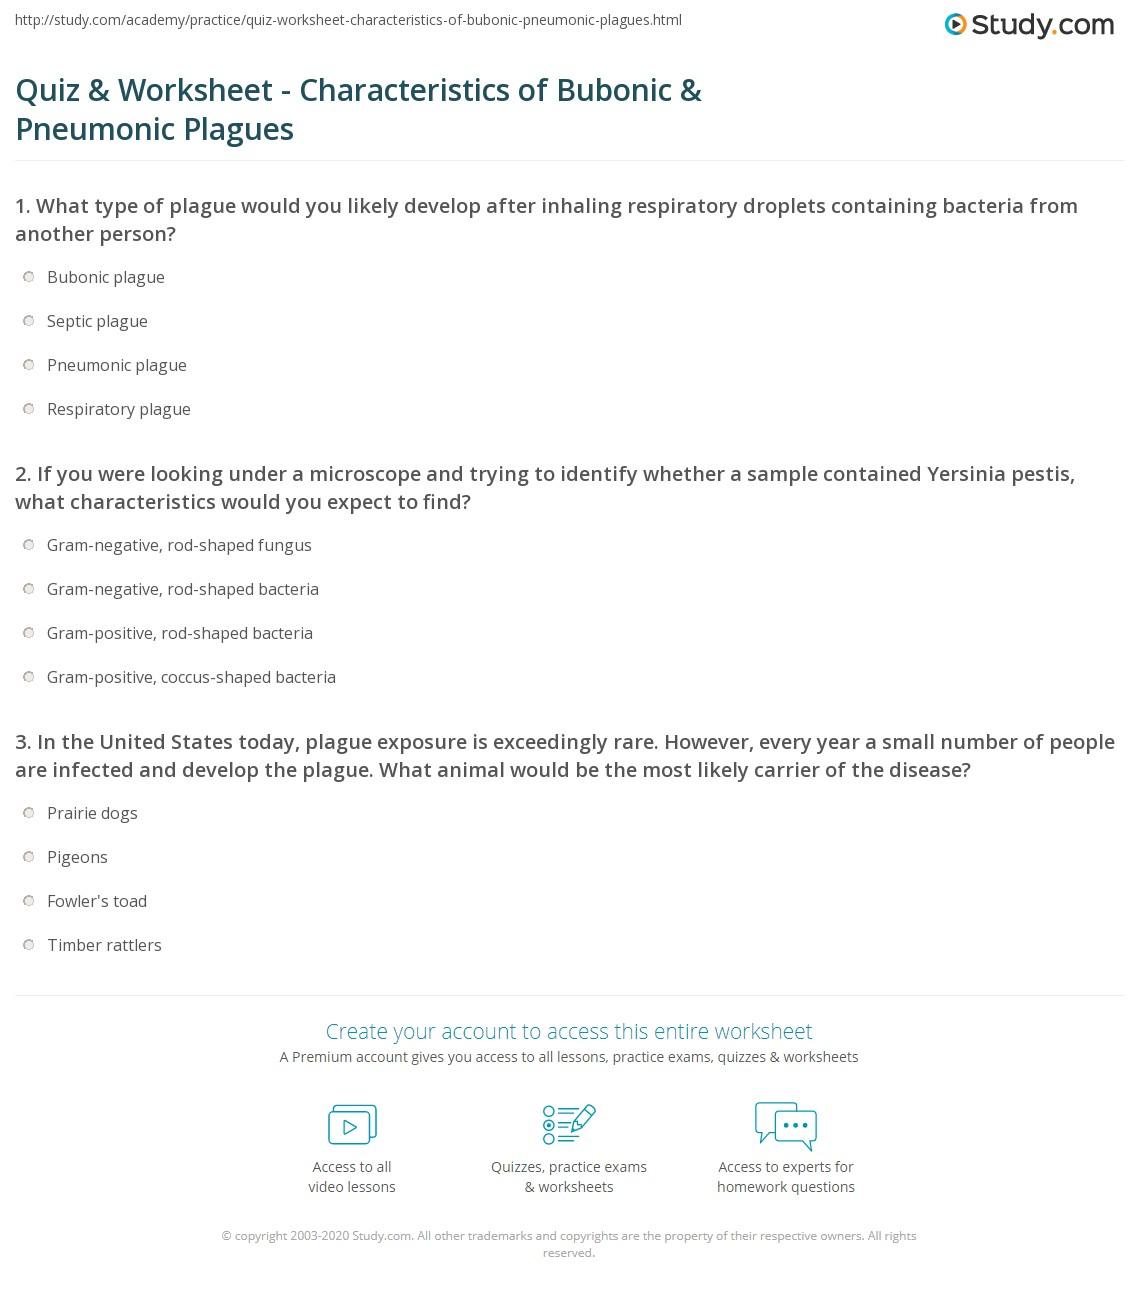 quiz worksheet characteristics of bubonic pneumonic plagues. Black Bedroom Furniture Sets. Home Design Ideas